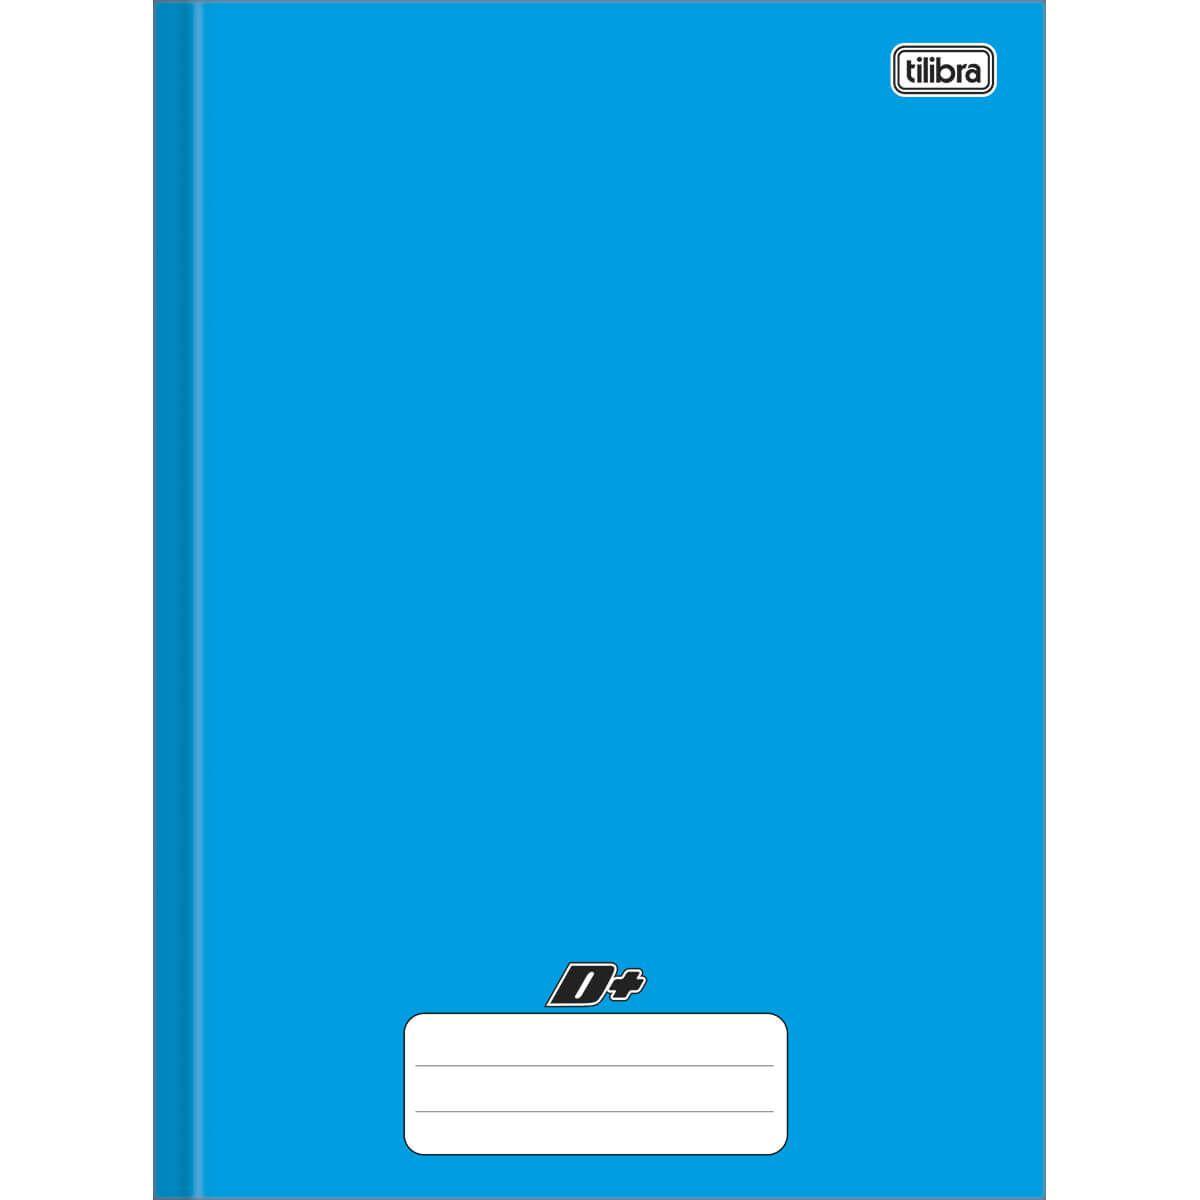 Caderno brochura 48 fls azul D+ Tilibra